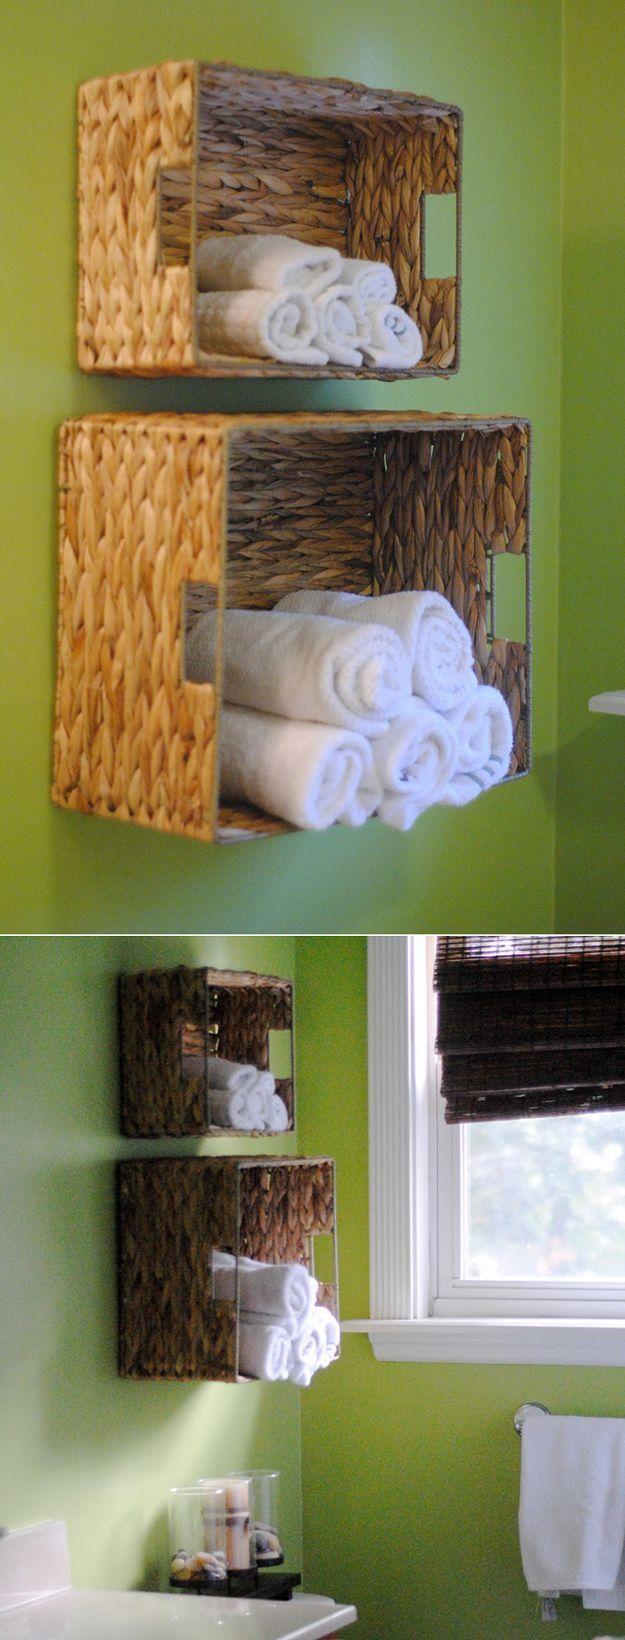 DIY Bath Towel Storage | Basket DIY Bathroom Organization Ideas by DIY Ready at http://diyready.com/organization-hacks-bathroom-storage-ideas/